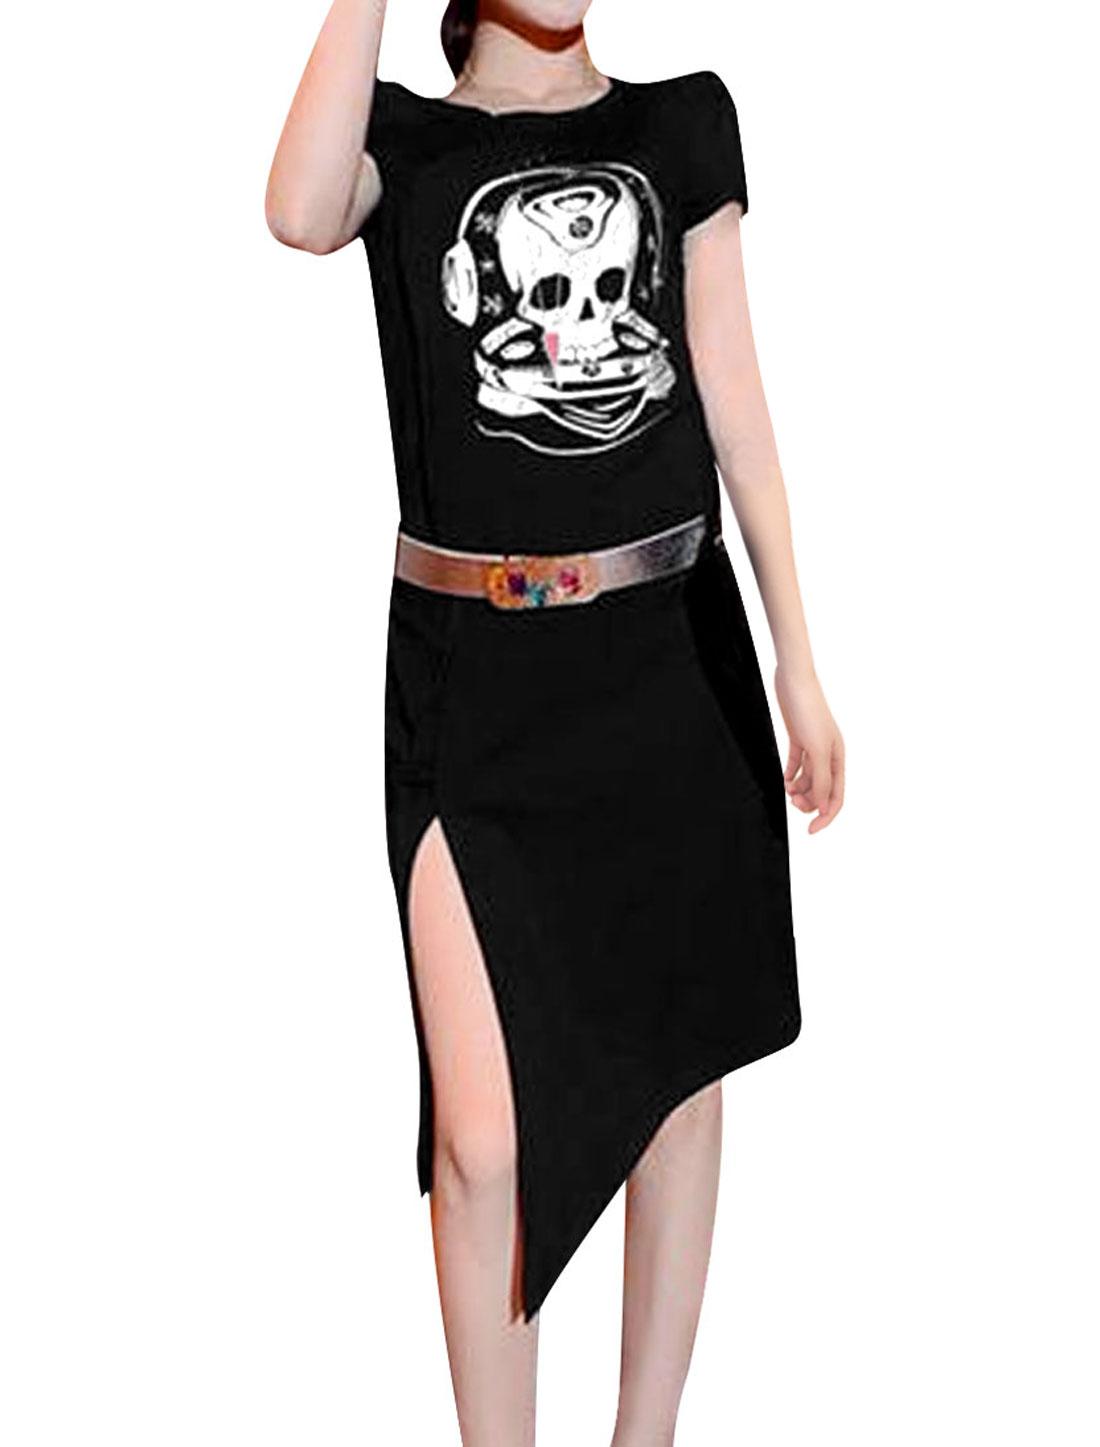 Ladies Skull Pattern Slim Fit Black Dress w Rhinestones Decor Belt XS